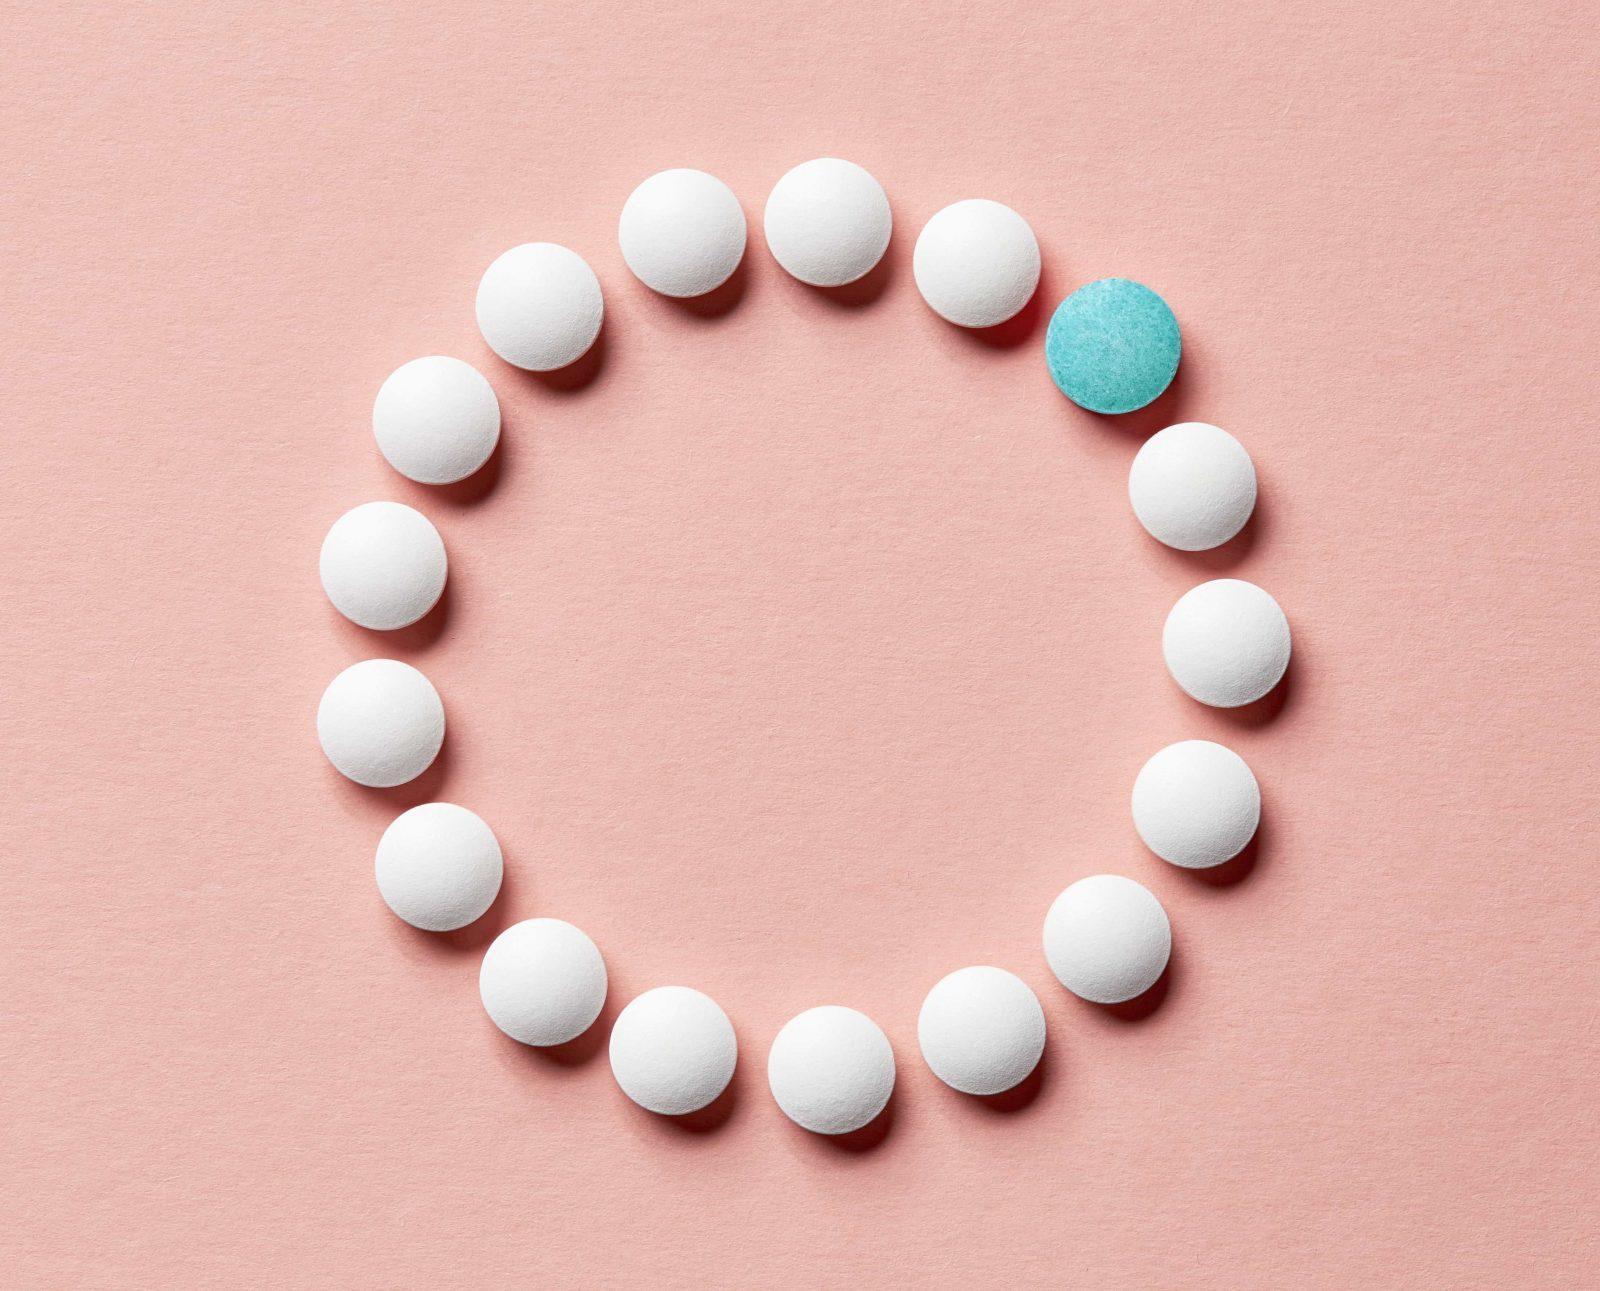 Как и зачем прекращать лактацию с помощью таблеток?